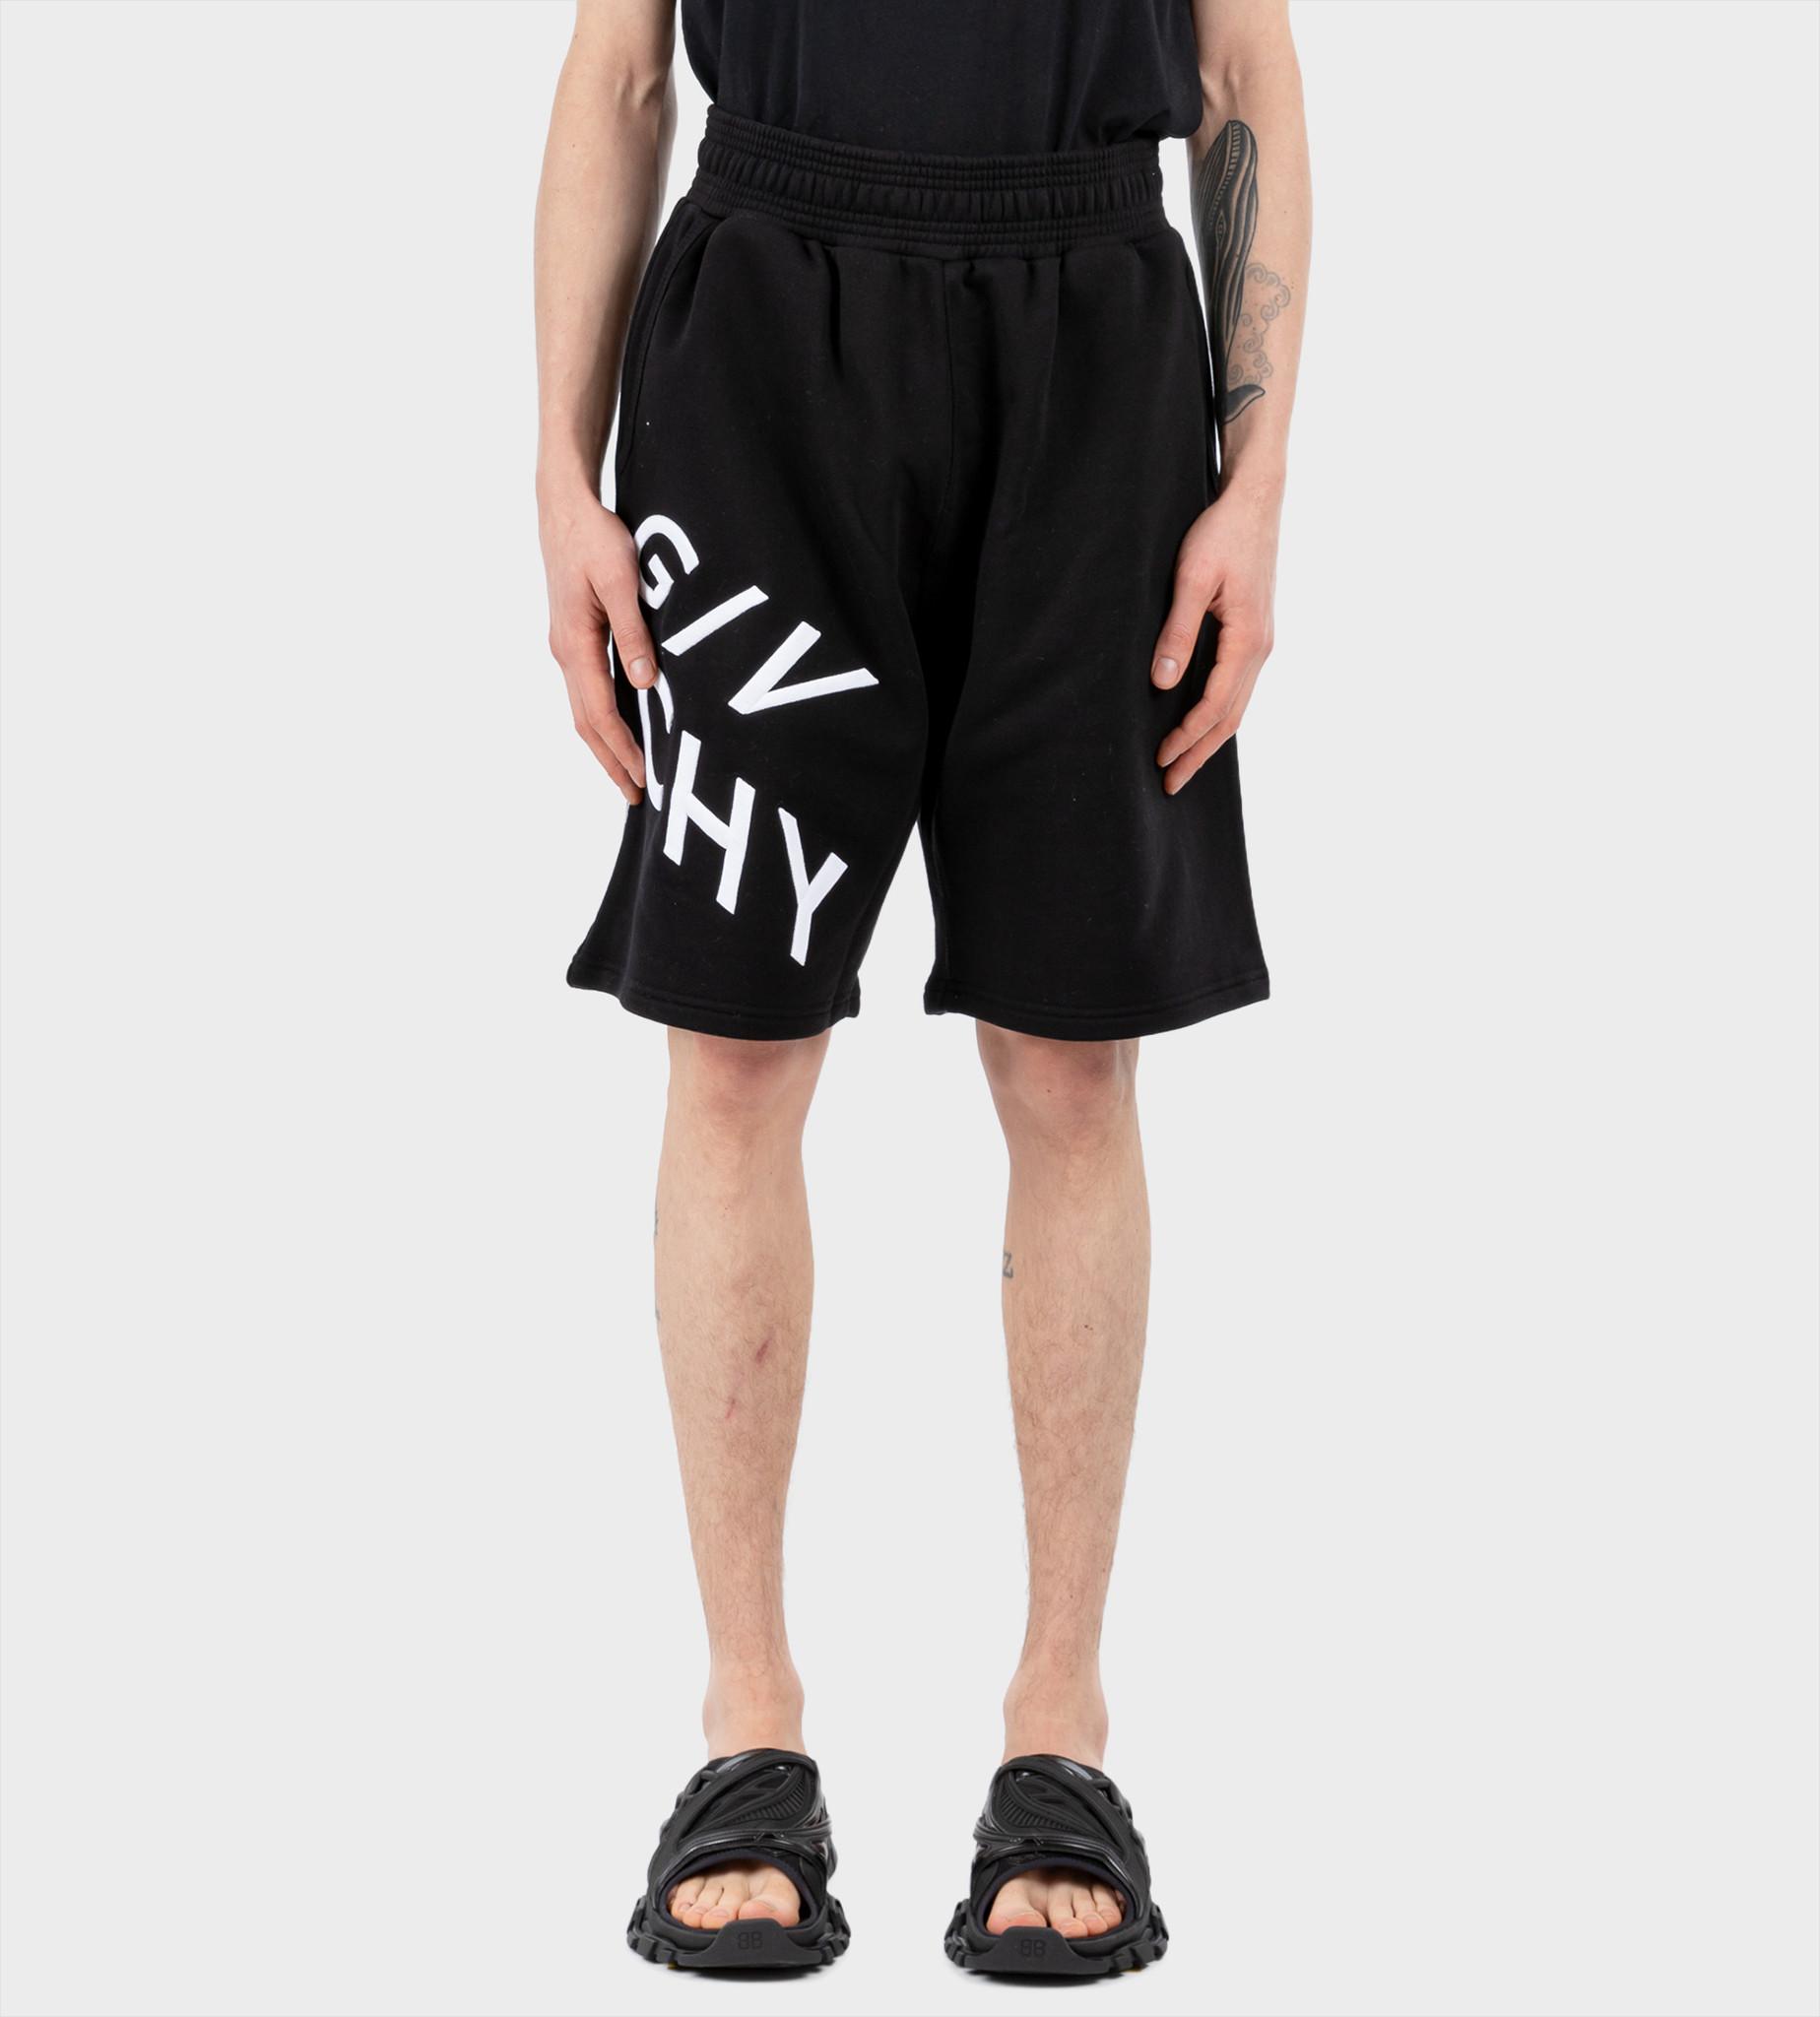 GIVENCHY Logo-Print Shorts Black